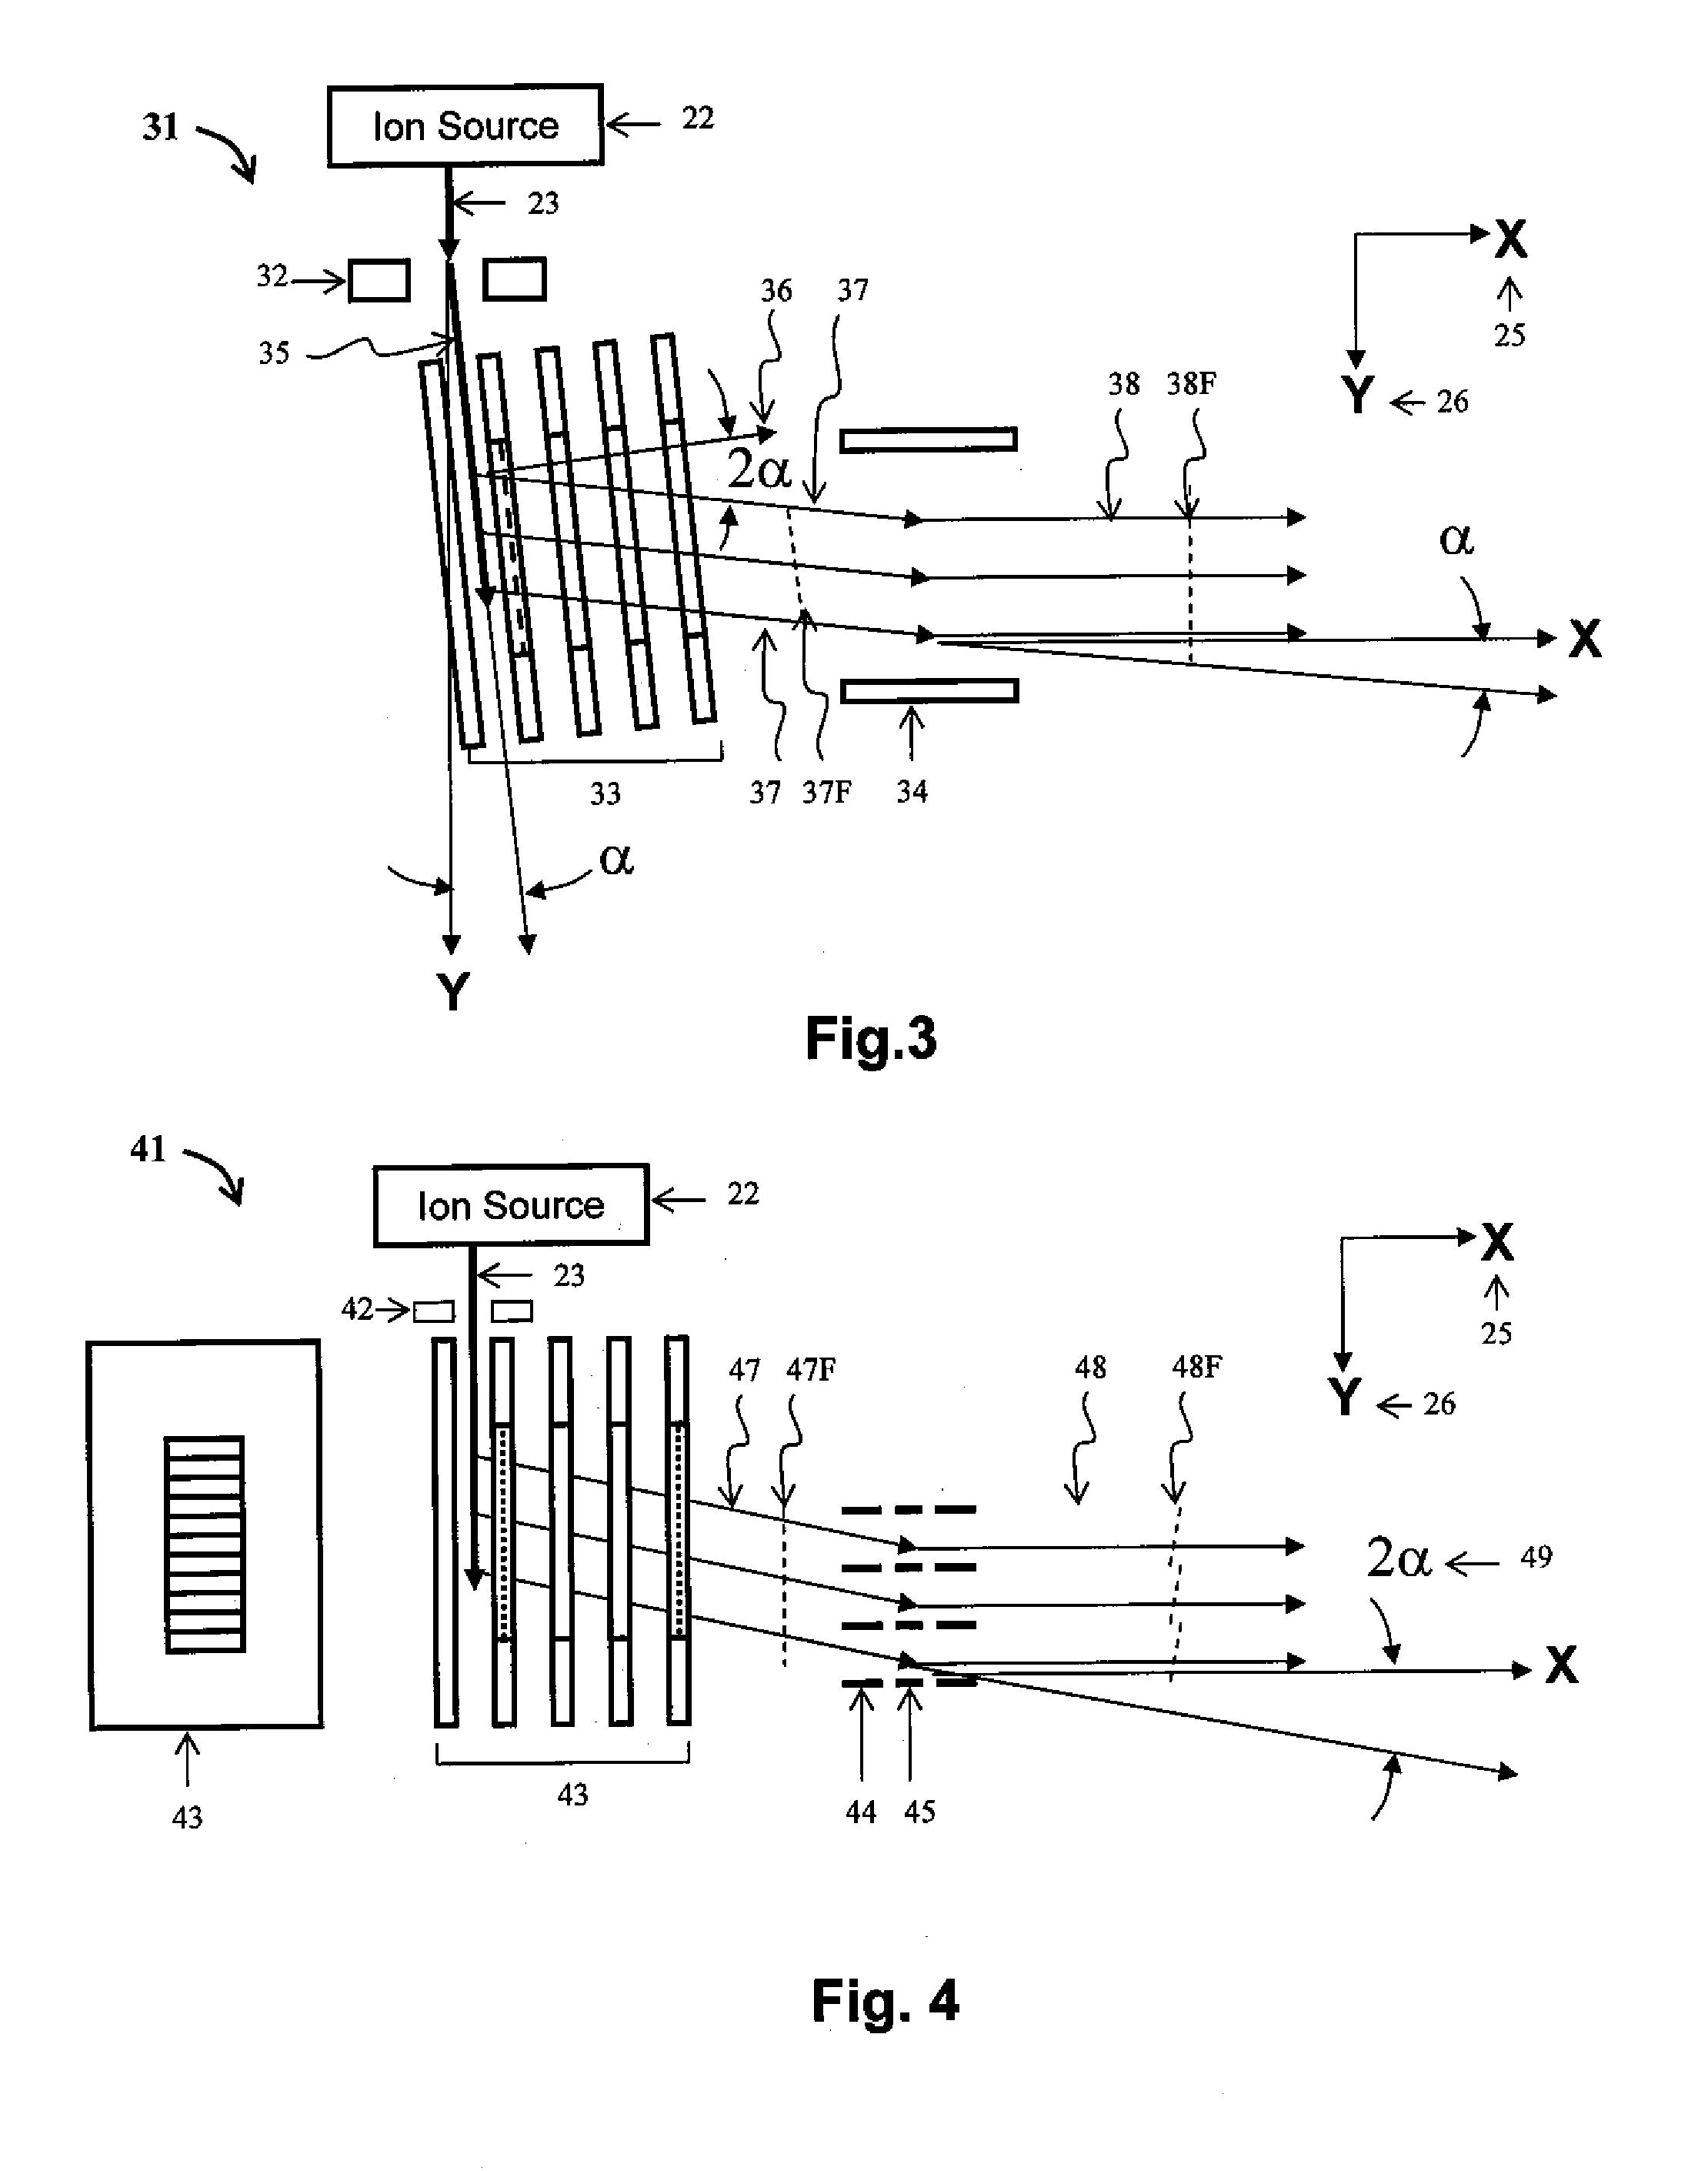 passtime wiring diagram Collection-Passtime Gps Wiring Diagram 3-j